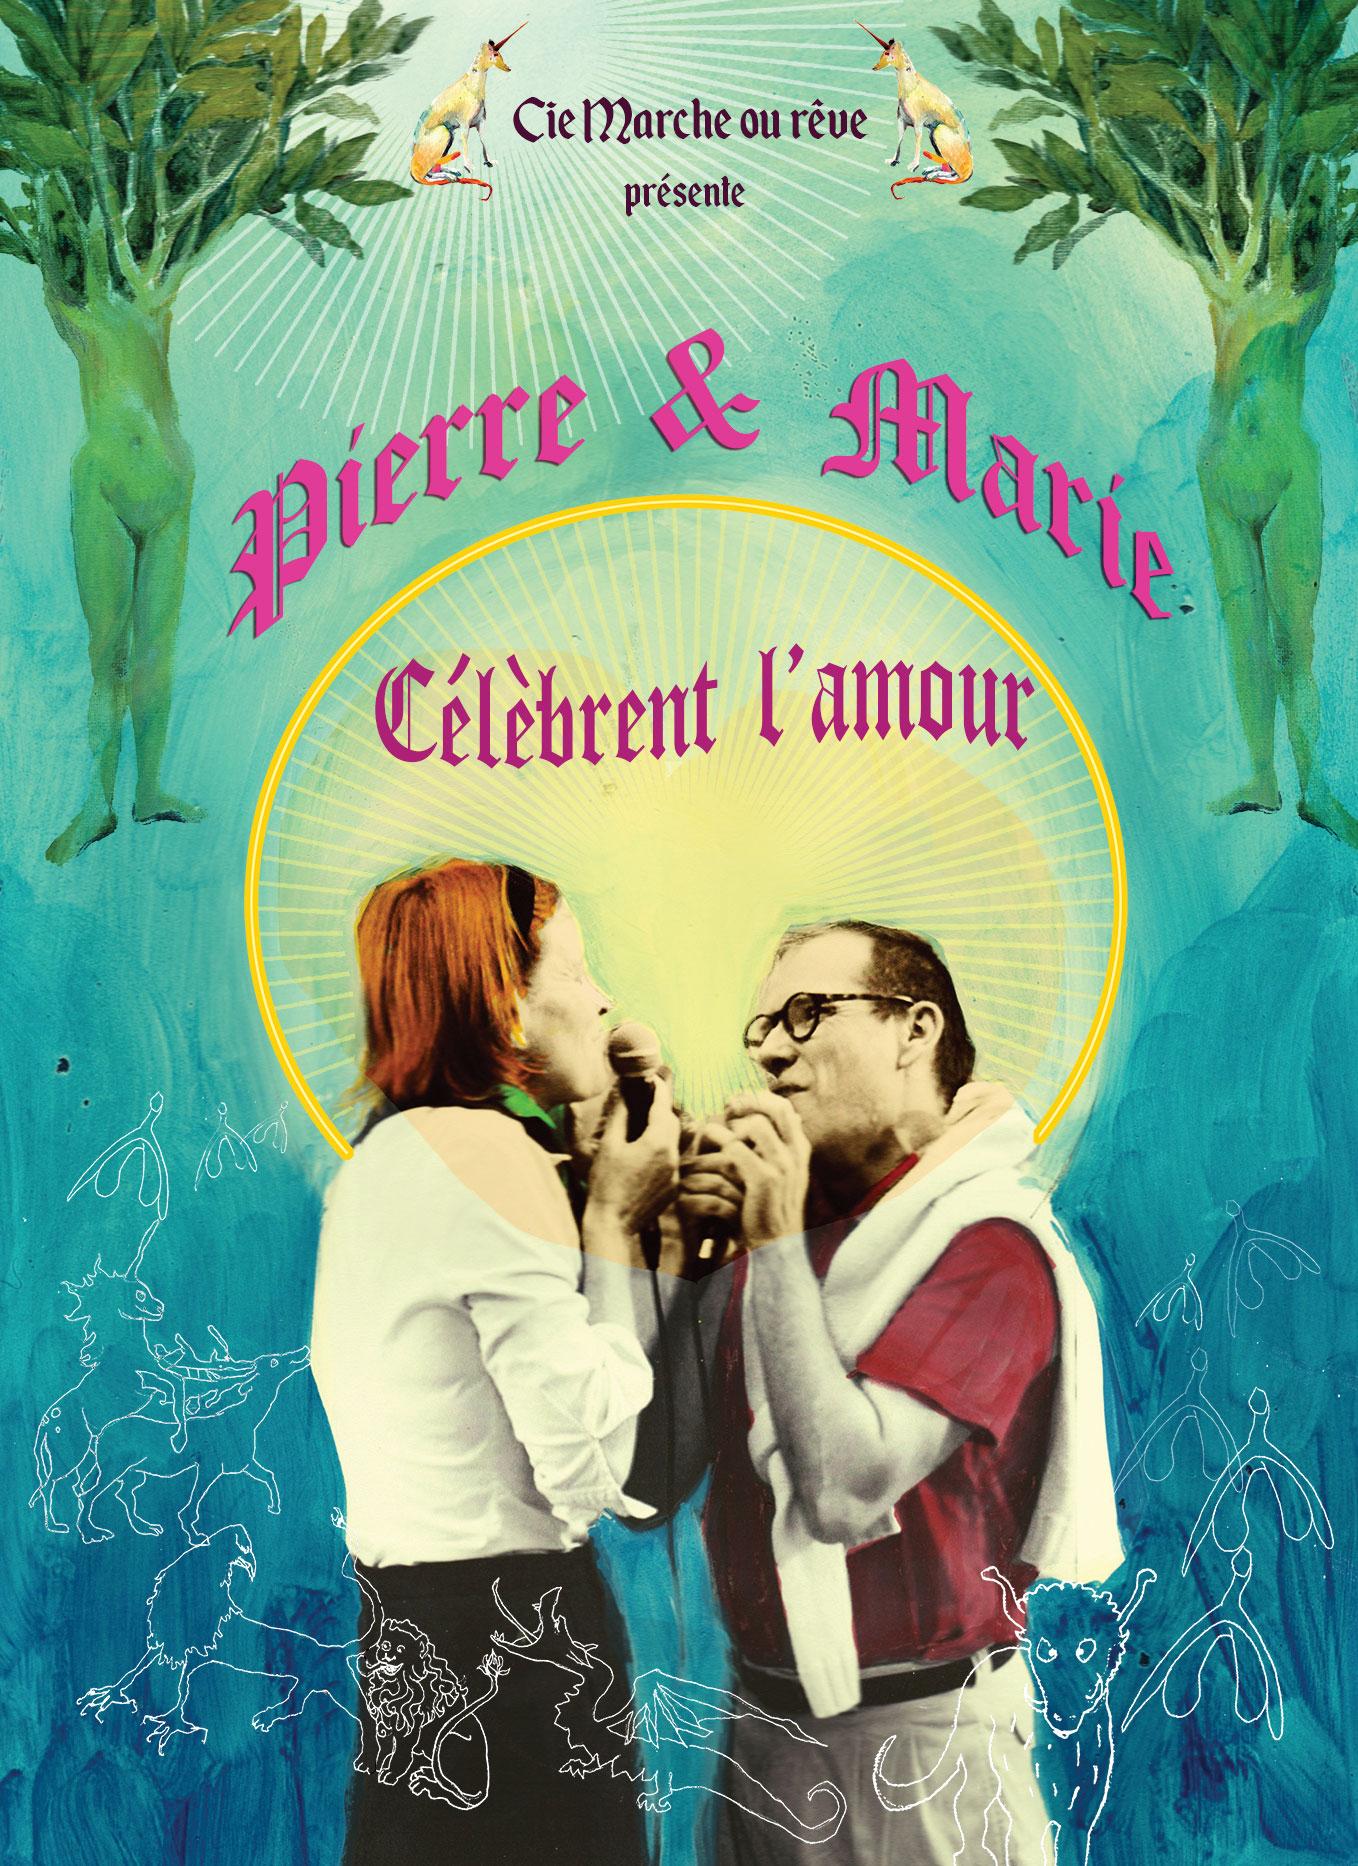 Fly-Pierre-et-Marie-célèbrent-l'amour-WEB.jpg